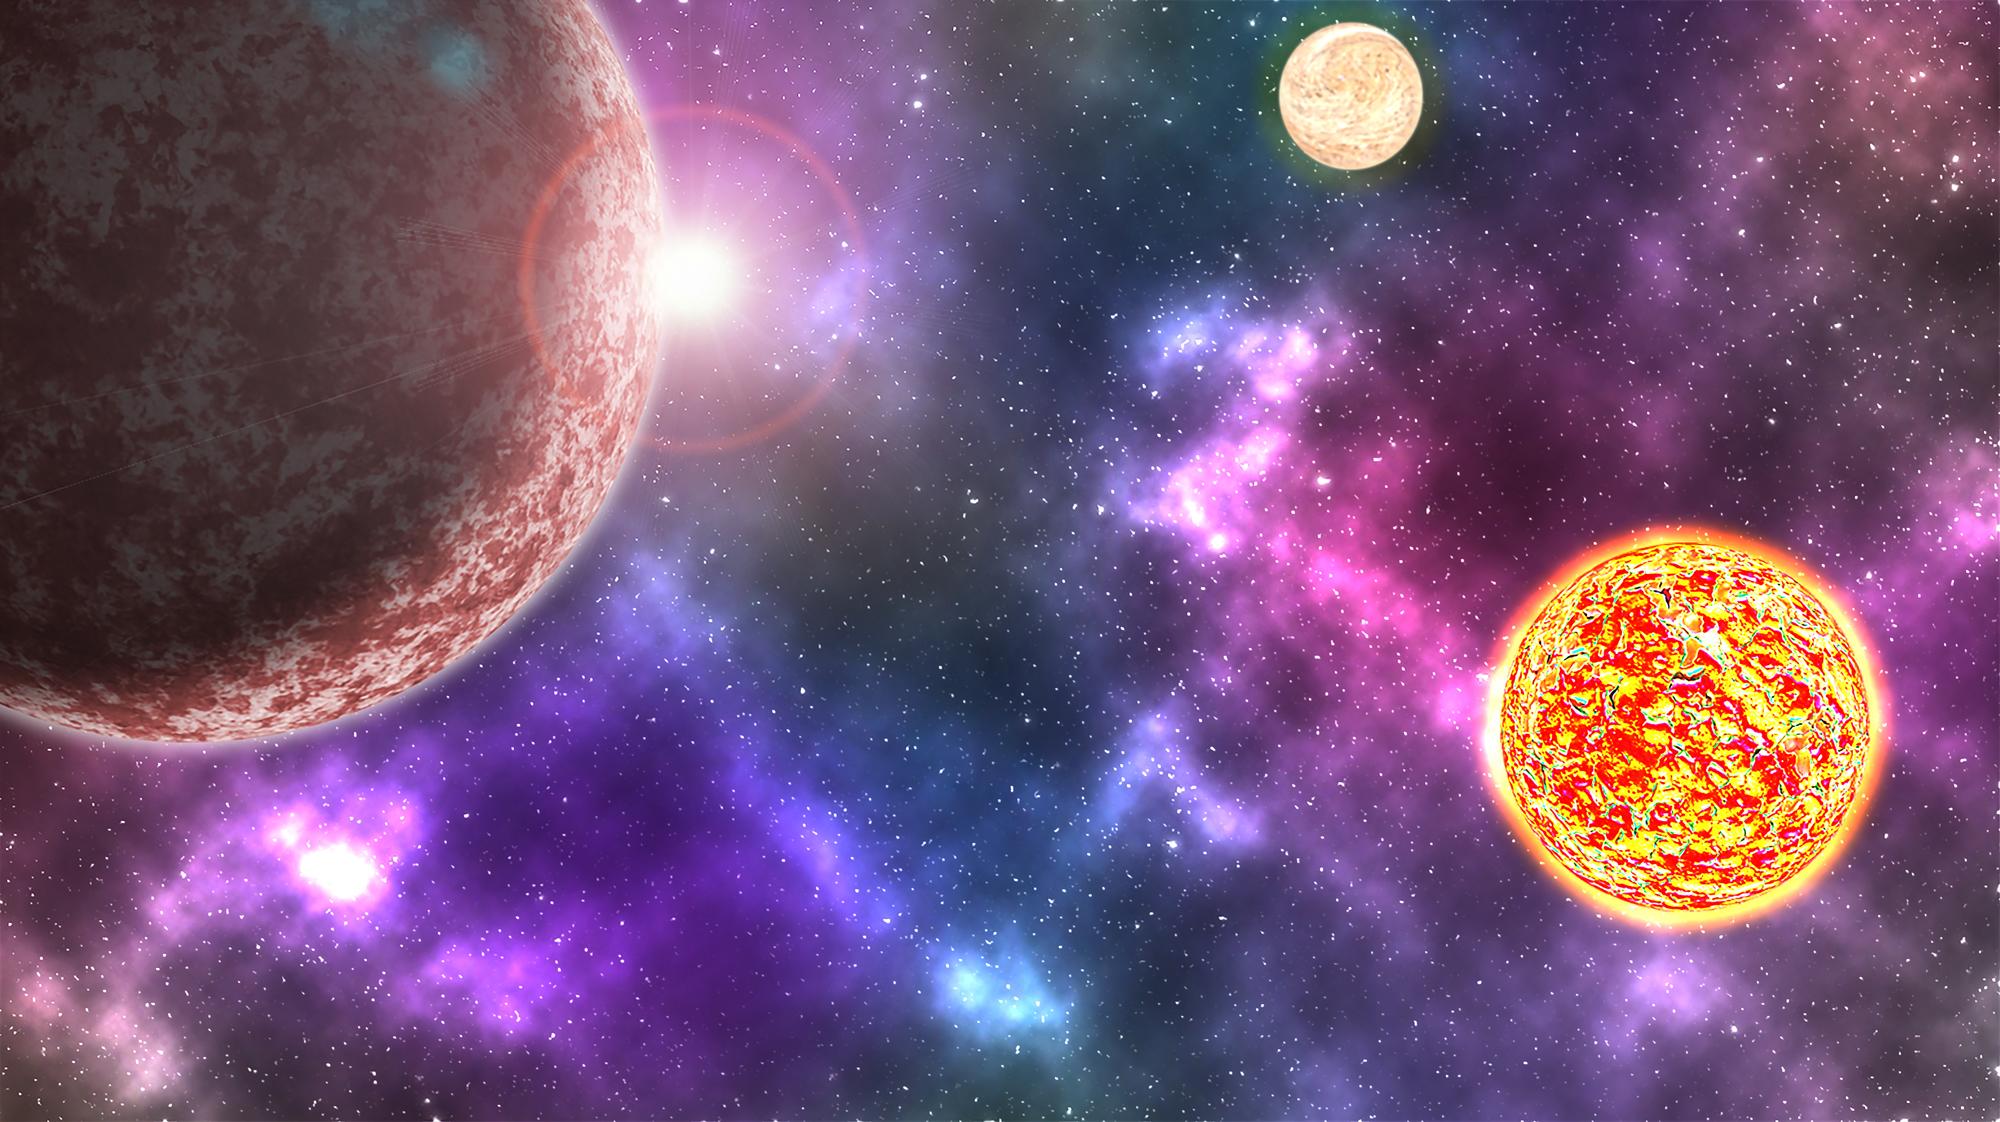 あなたはこの地球の生きる神秘を感じることができるでしょうか?